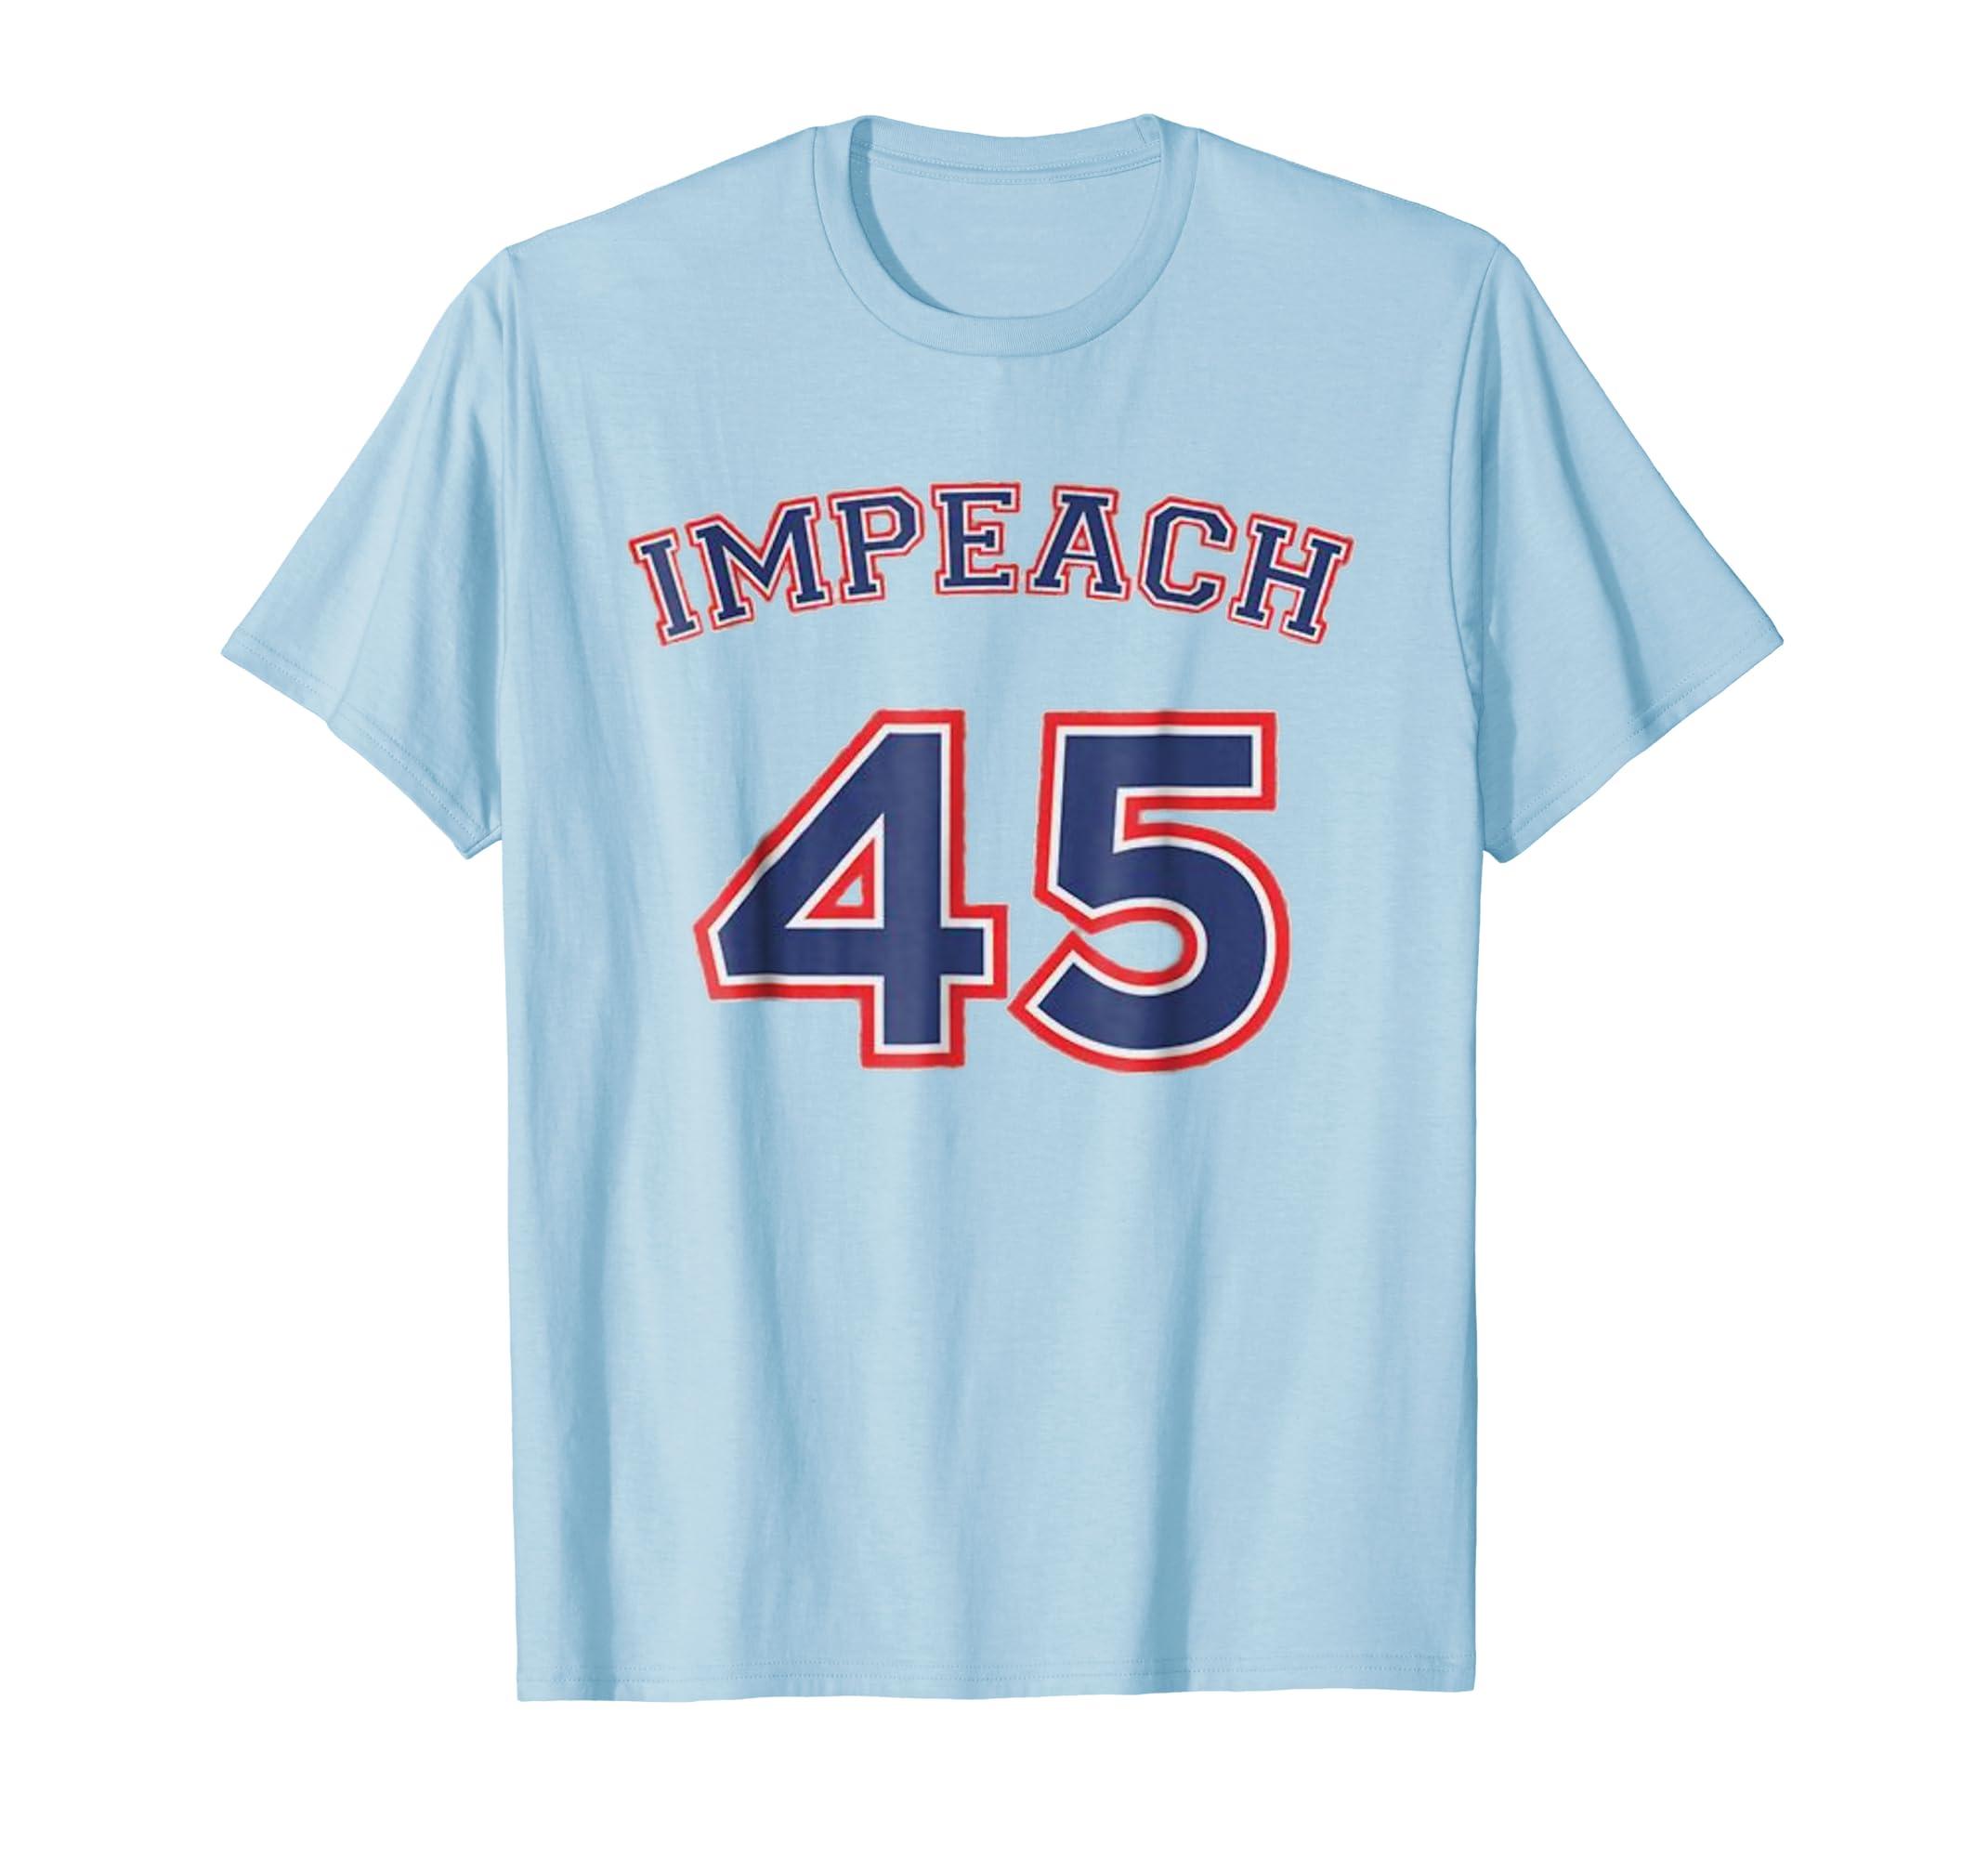 Impeach 45 shirt 8645 shirt - impeach Trump T-shirt-ln